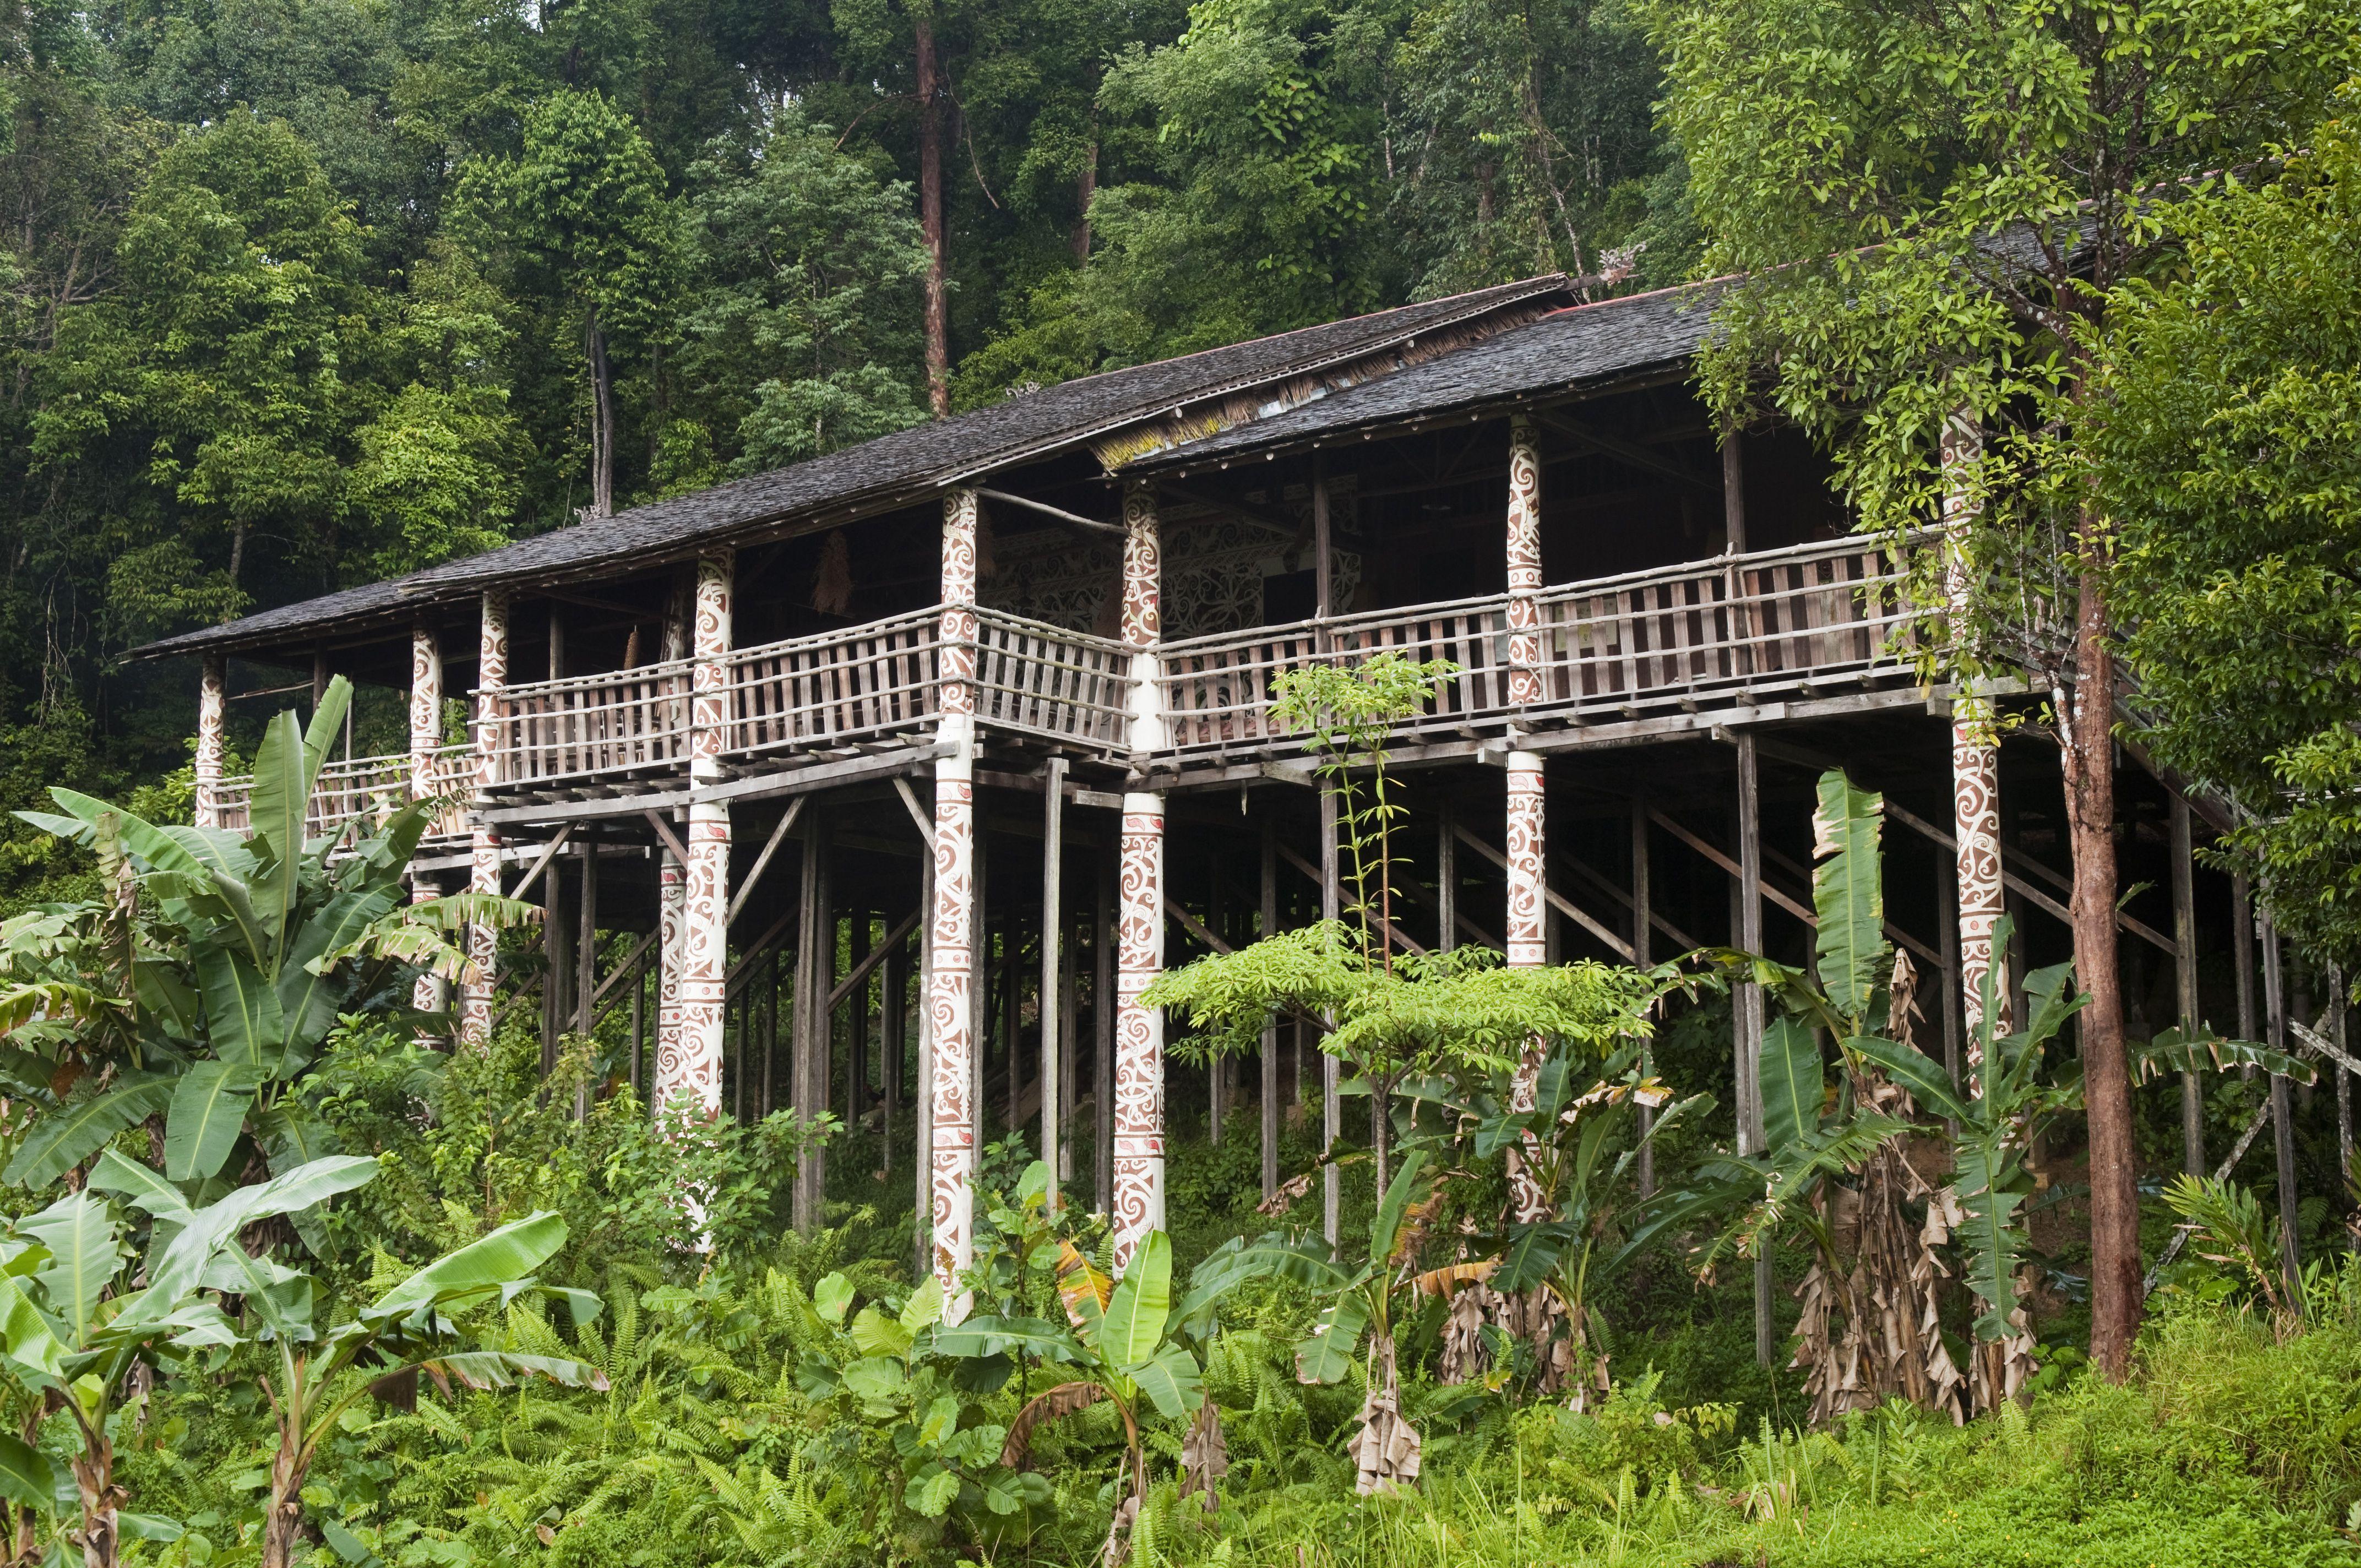 Longhouse in Sarawak, Borneo